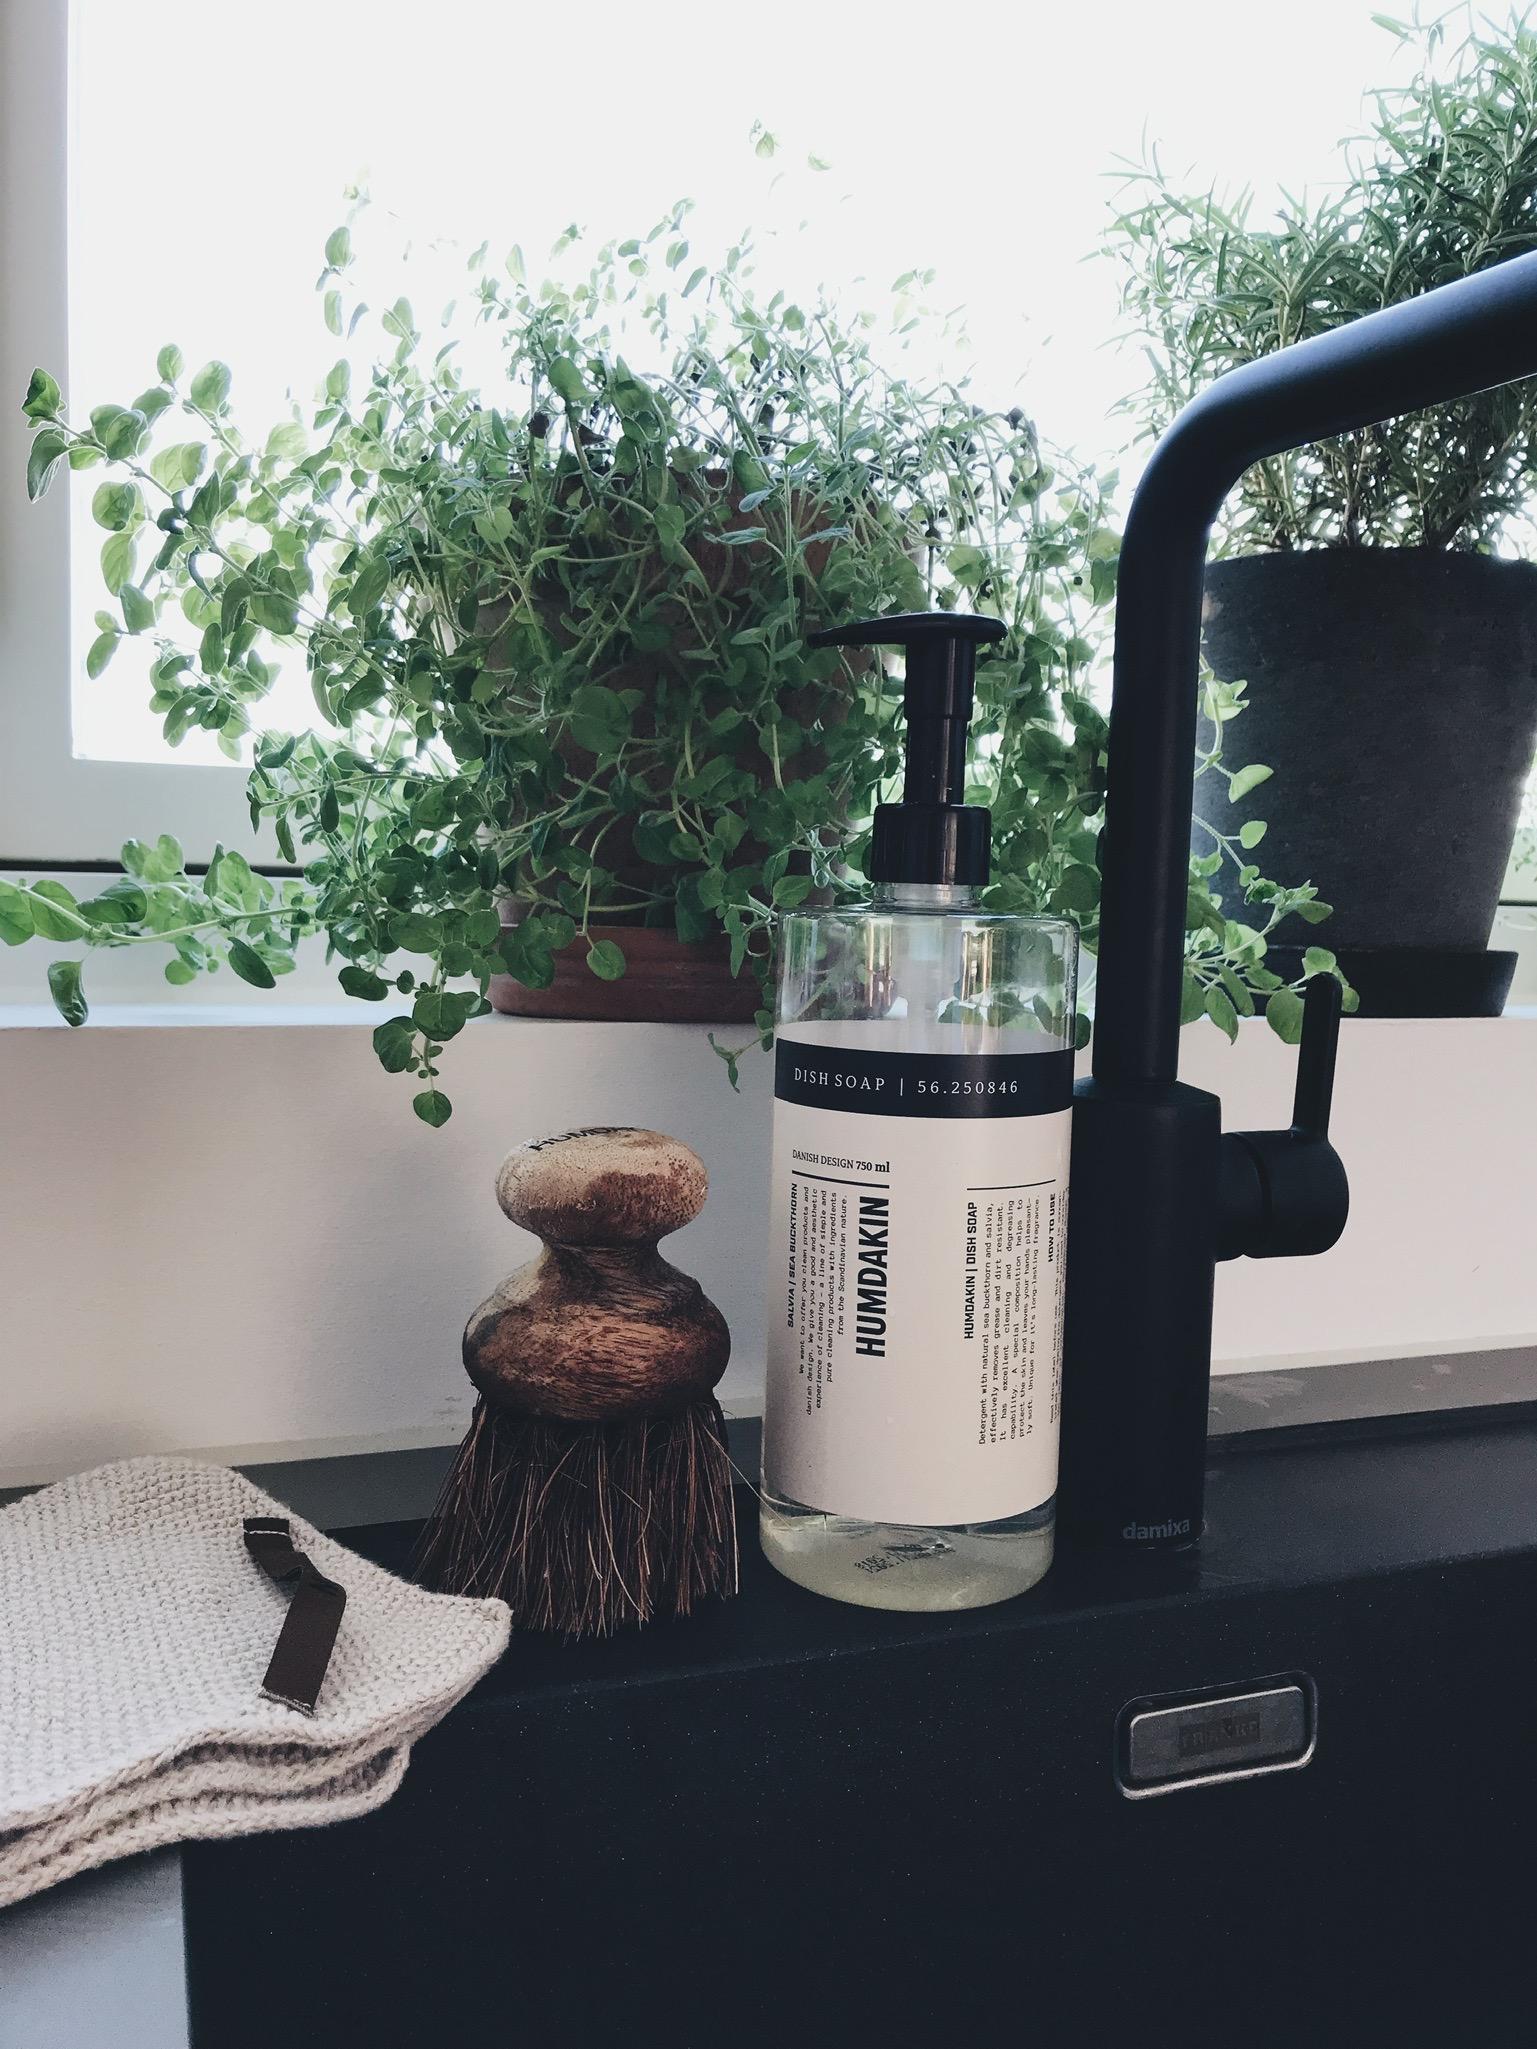 Vores køkken: Valg af køkkenelementer, <strong>hårde hvidevarer</strong> og detaljer i indretningen 19